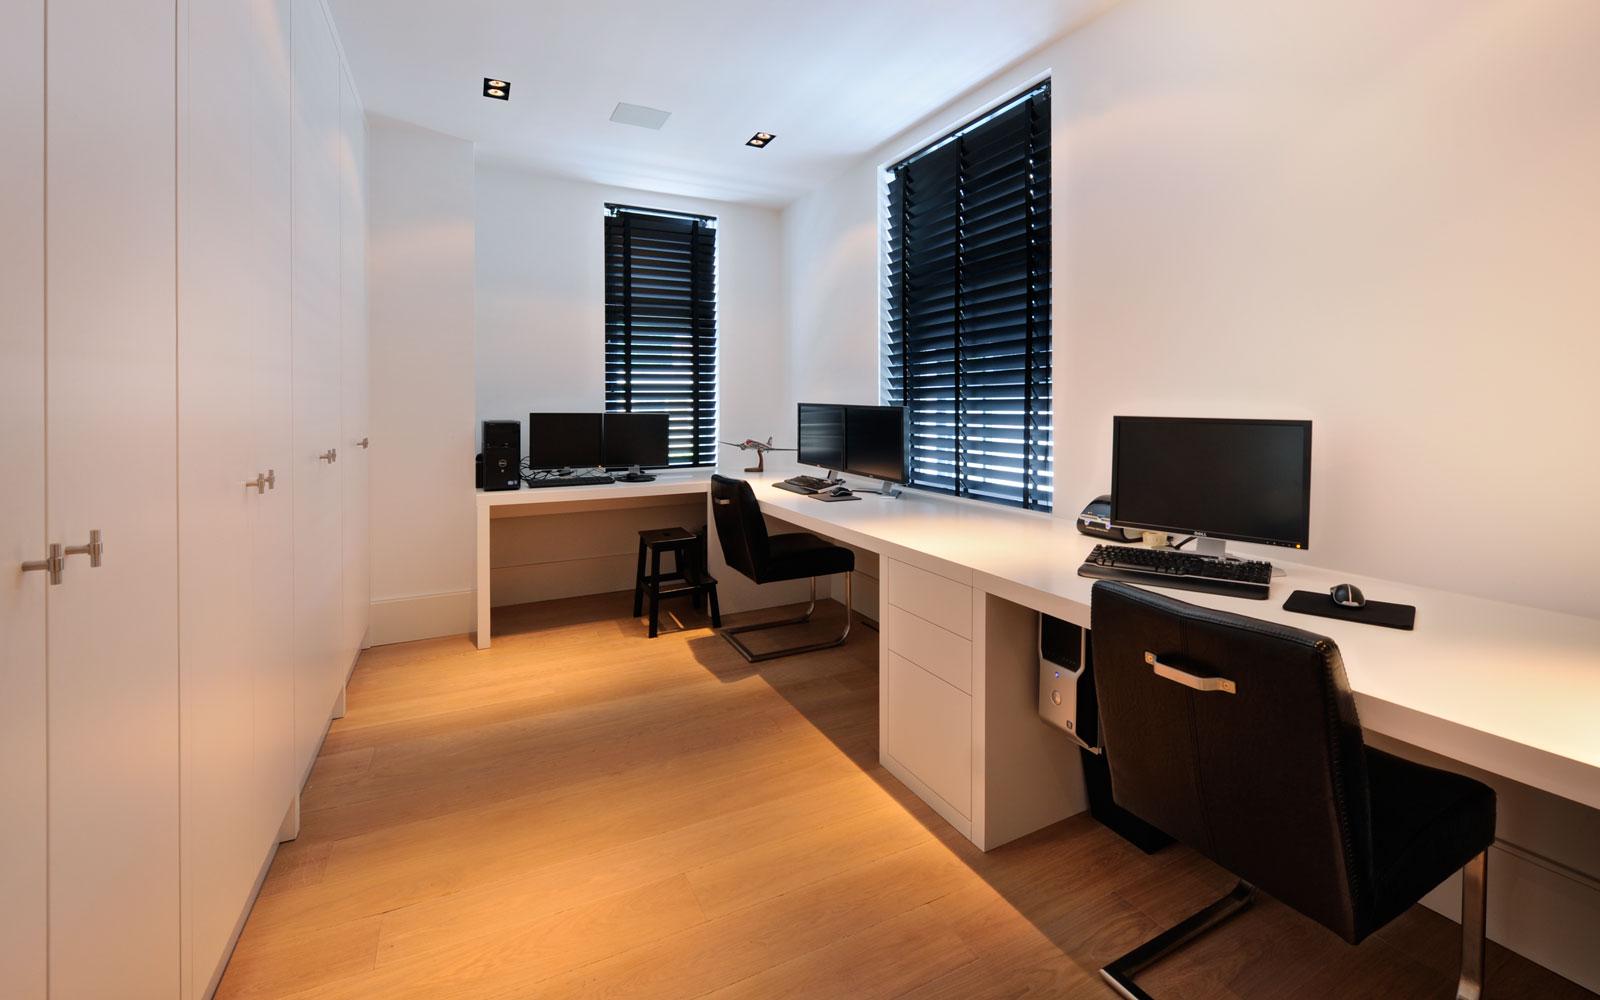 Kantoor, werkruimte, Style Shutters, zonwering, bureau, houten vloer, witte droomvilla, Gerben van Manen